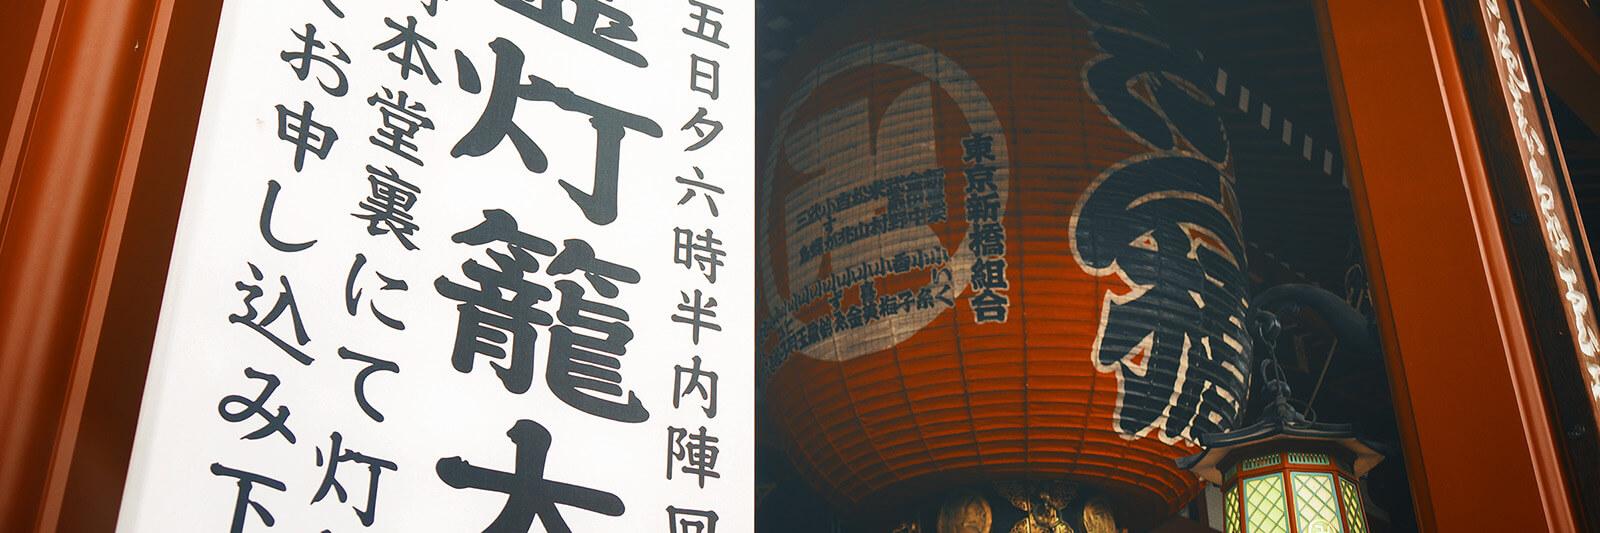 Sensō-ji Temple in Taitō-ku, Tokyo, Japan